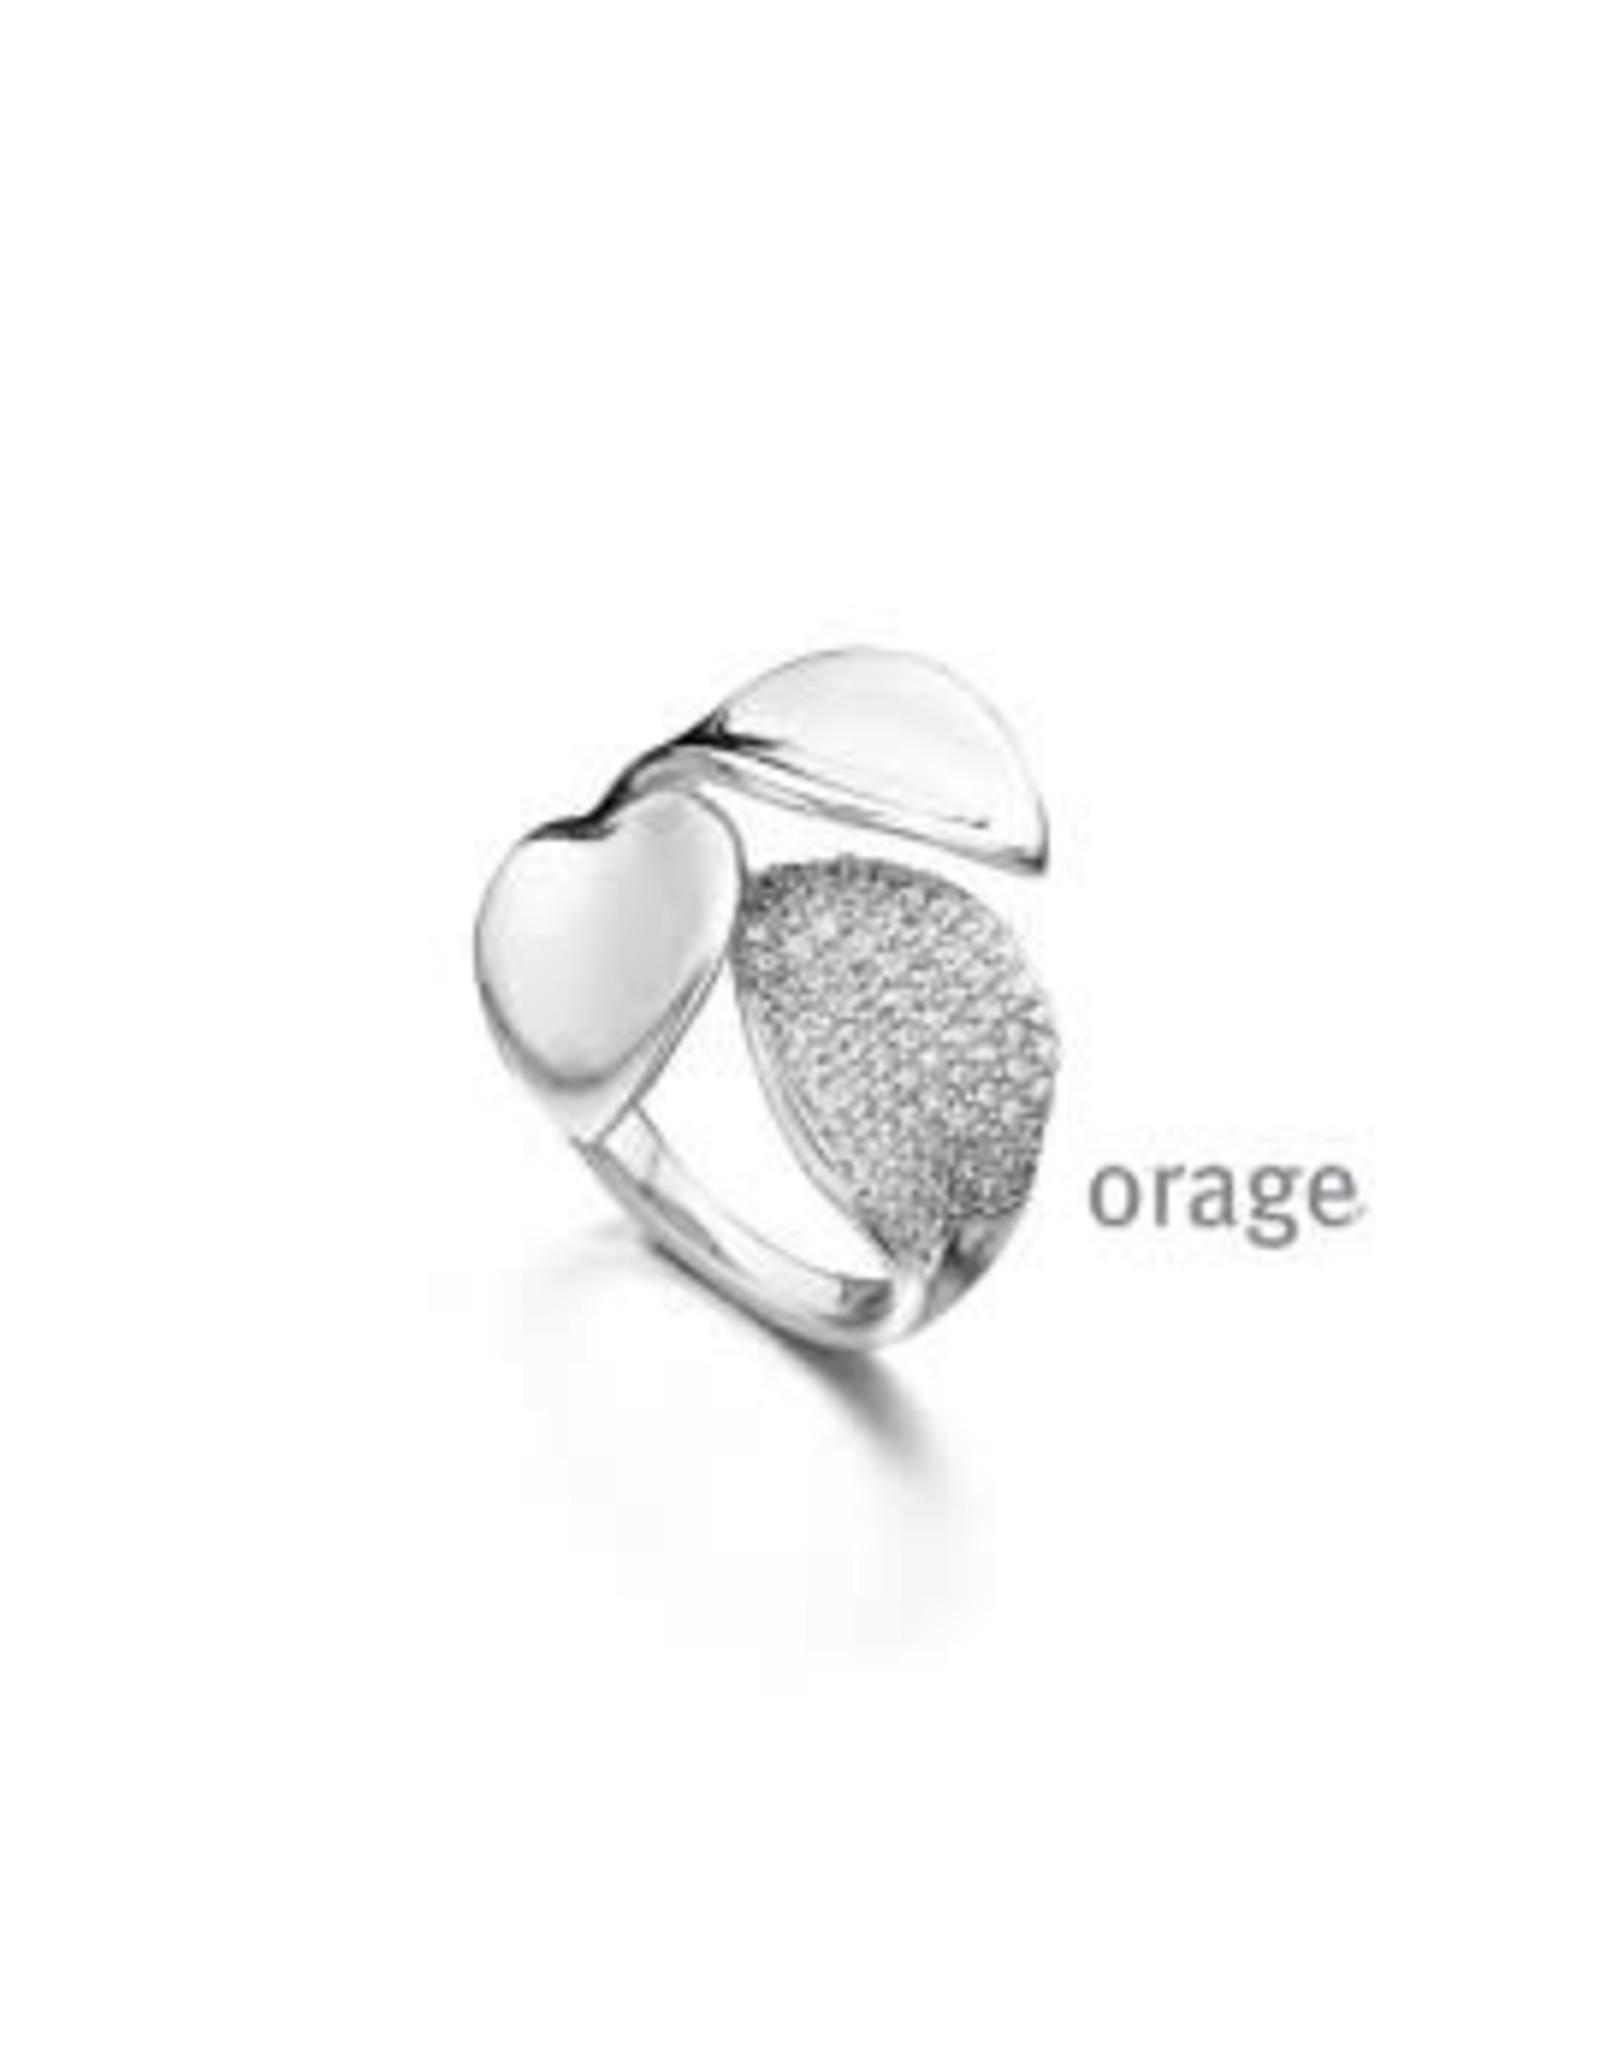 Orage Orage AP099/54 Ring Zilver Zirkonia